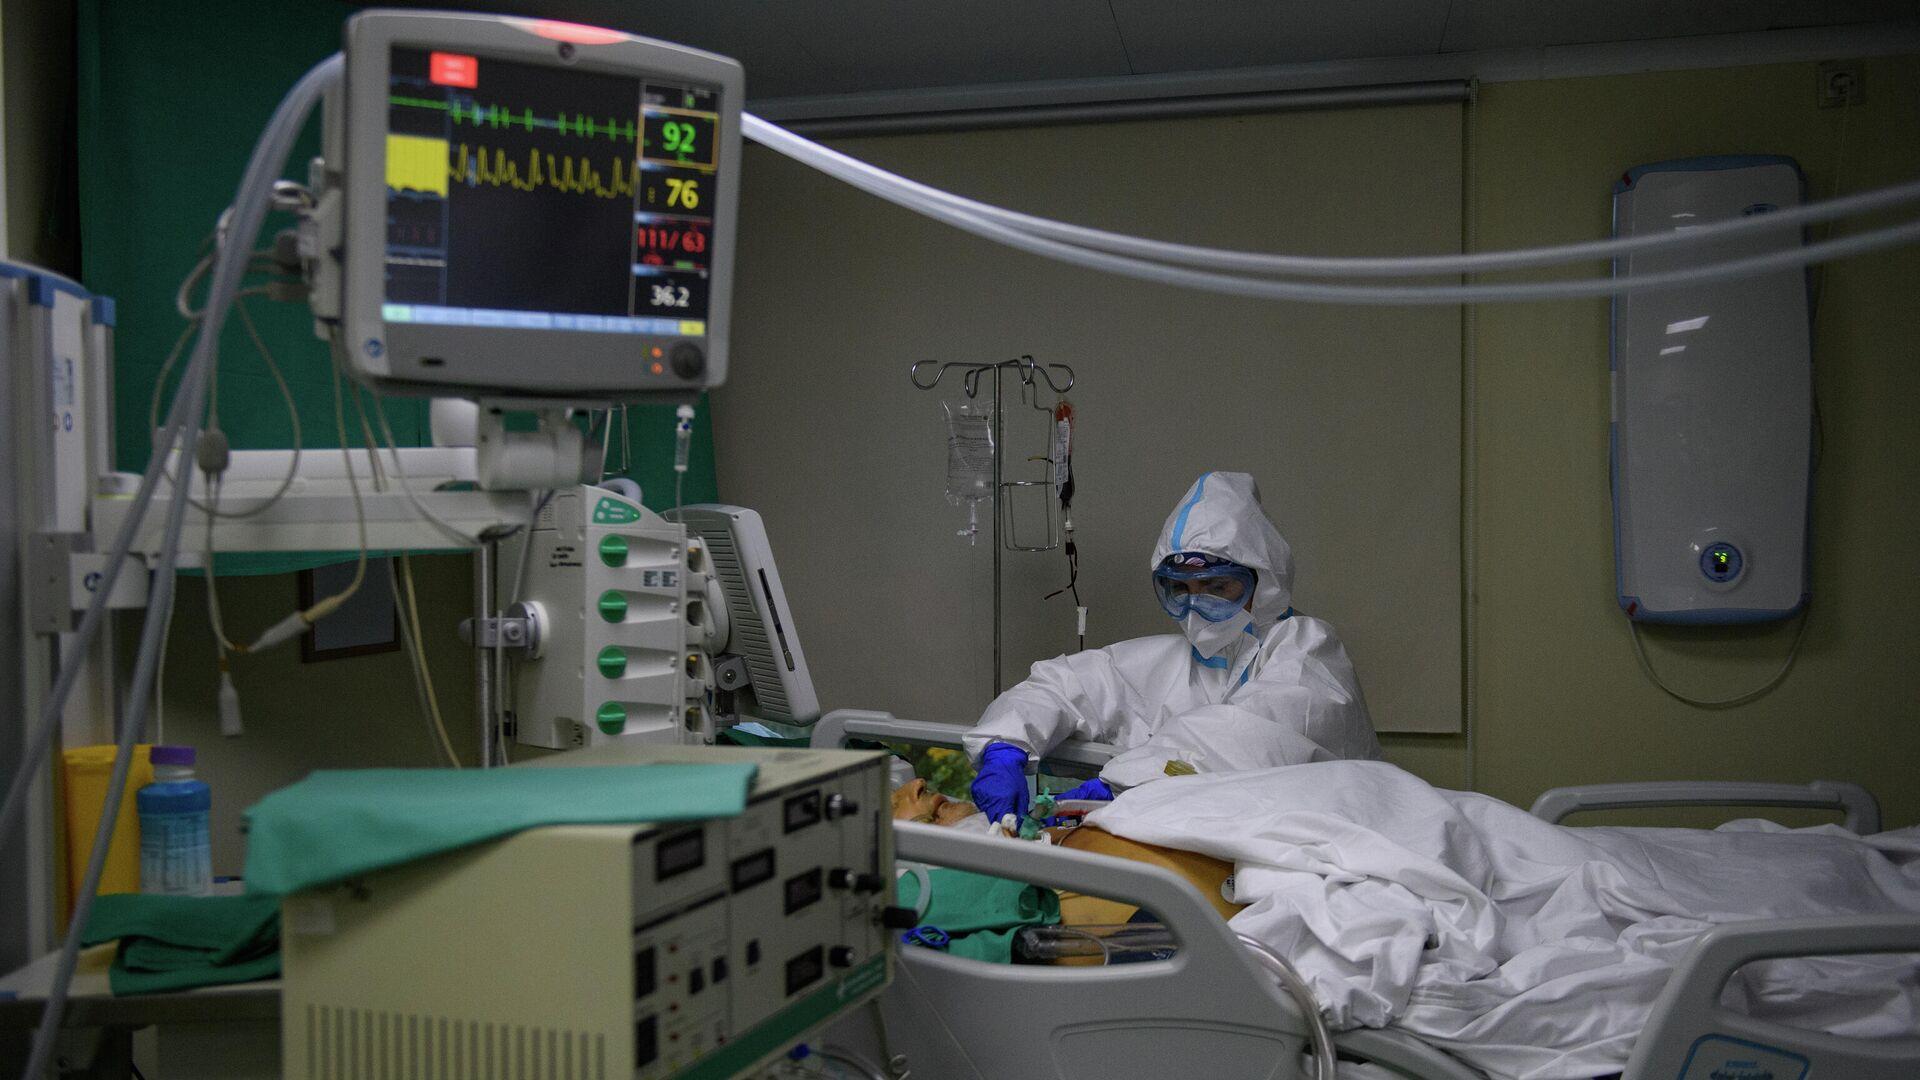 Медицинский работник оказывает помощь пациенту с COVID-19 в отделении гемодиализа городской клинической больницы № 52 - РИА Новости, 1920, 14.10.2020